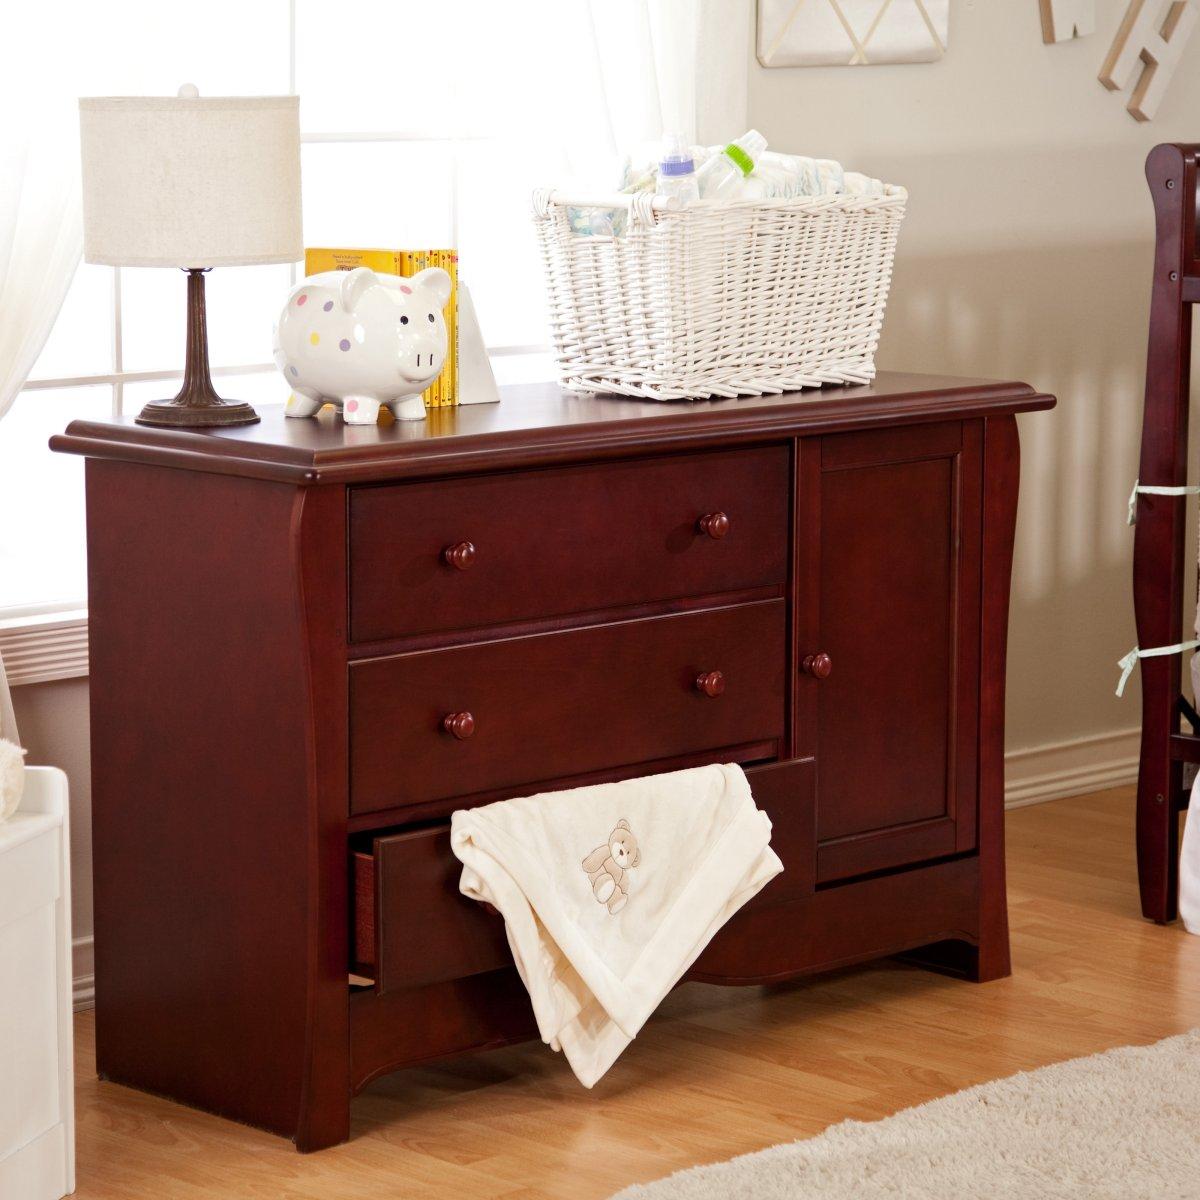 Cherry Wood Baby Dresser  Home Furniture Design